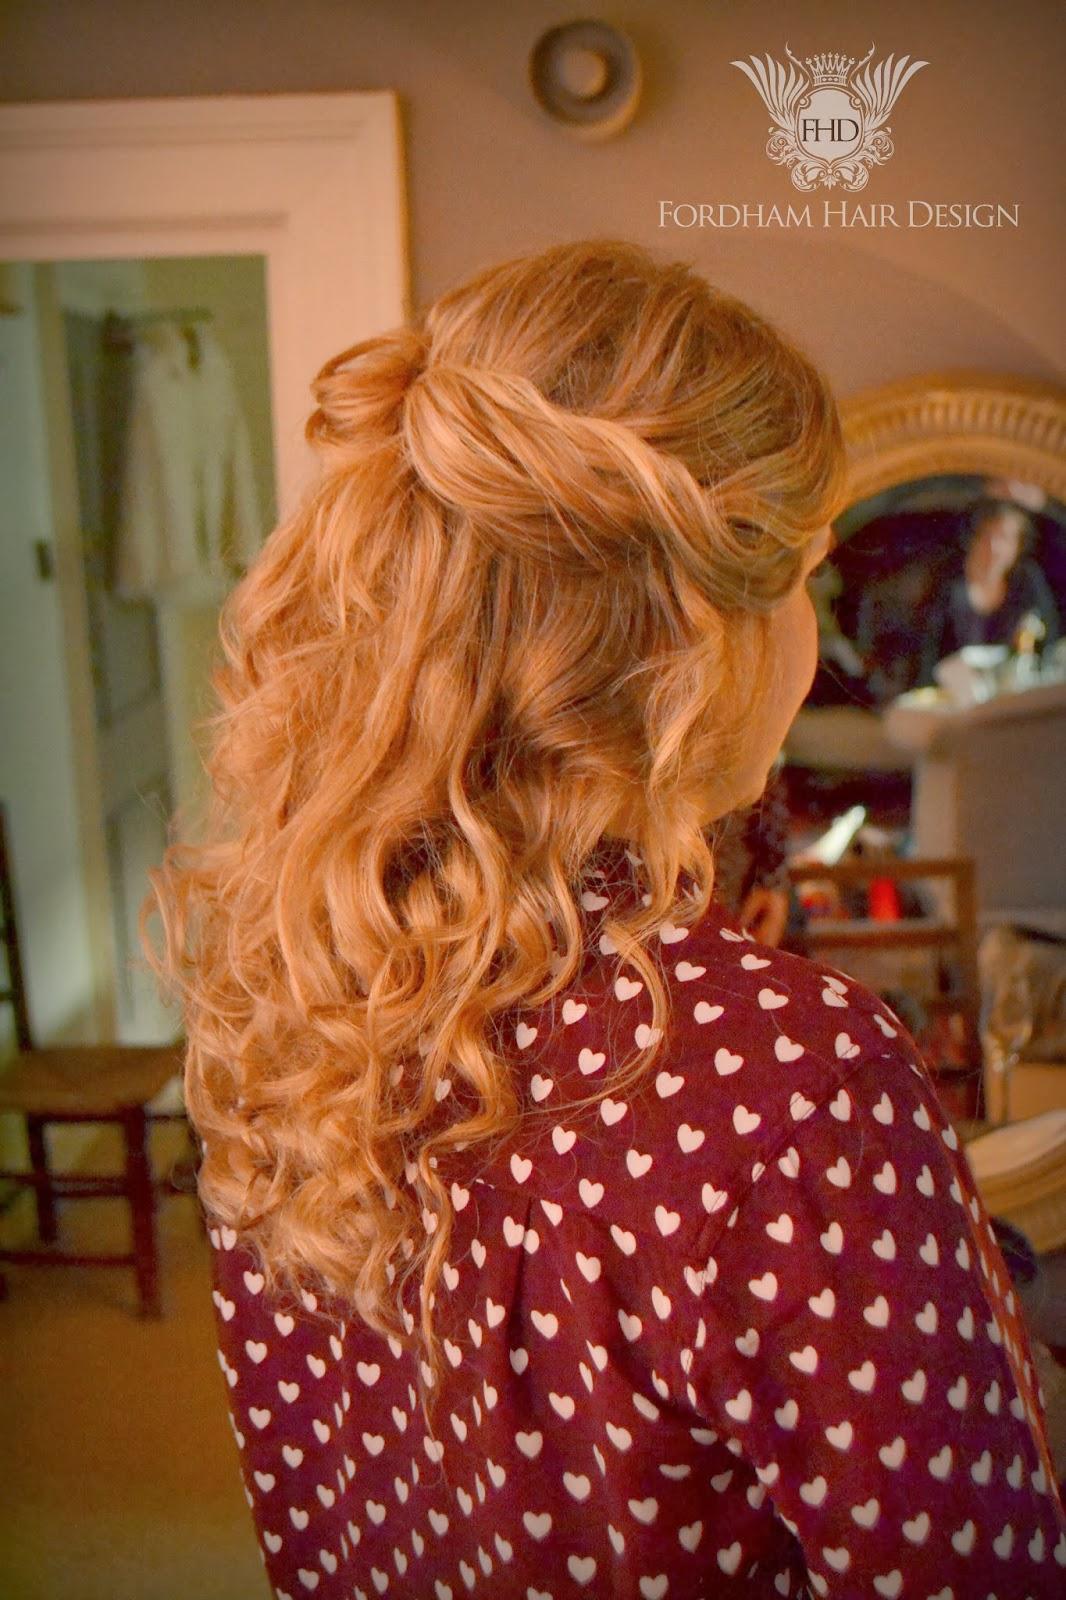 Fordham Hair Design ... Wedding Bridal Hair Specialist: Wonderful ...